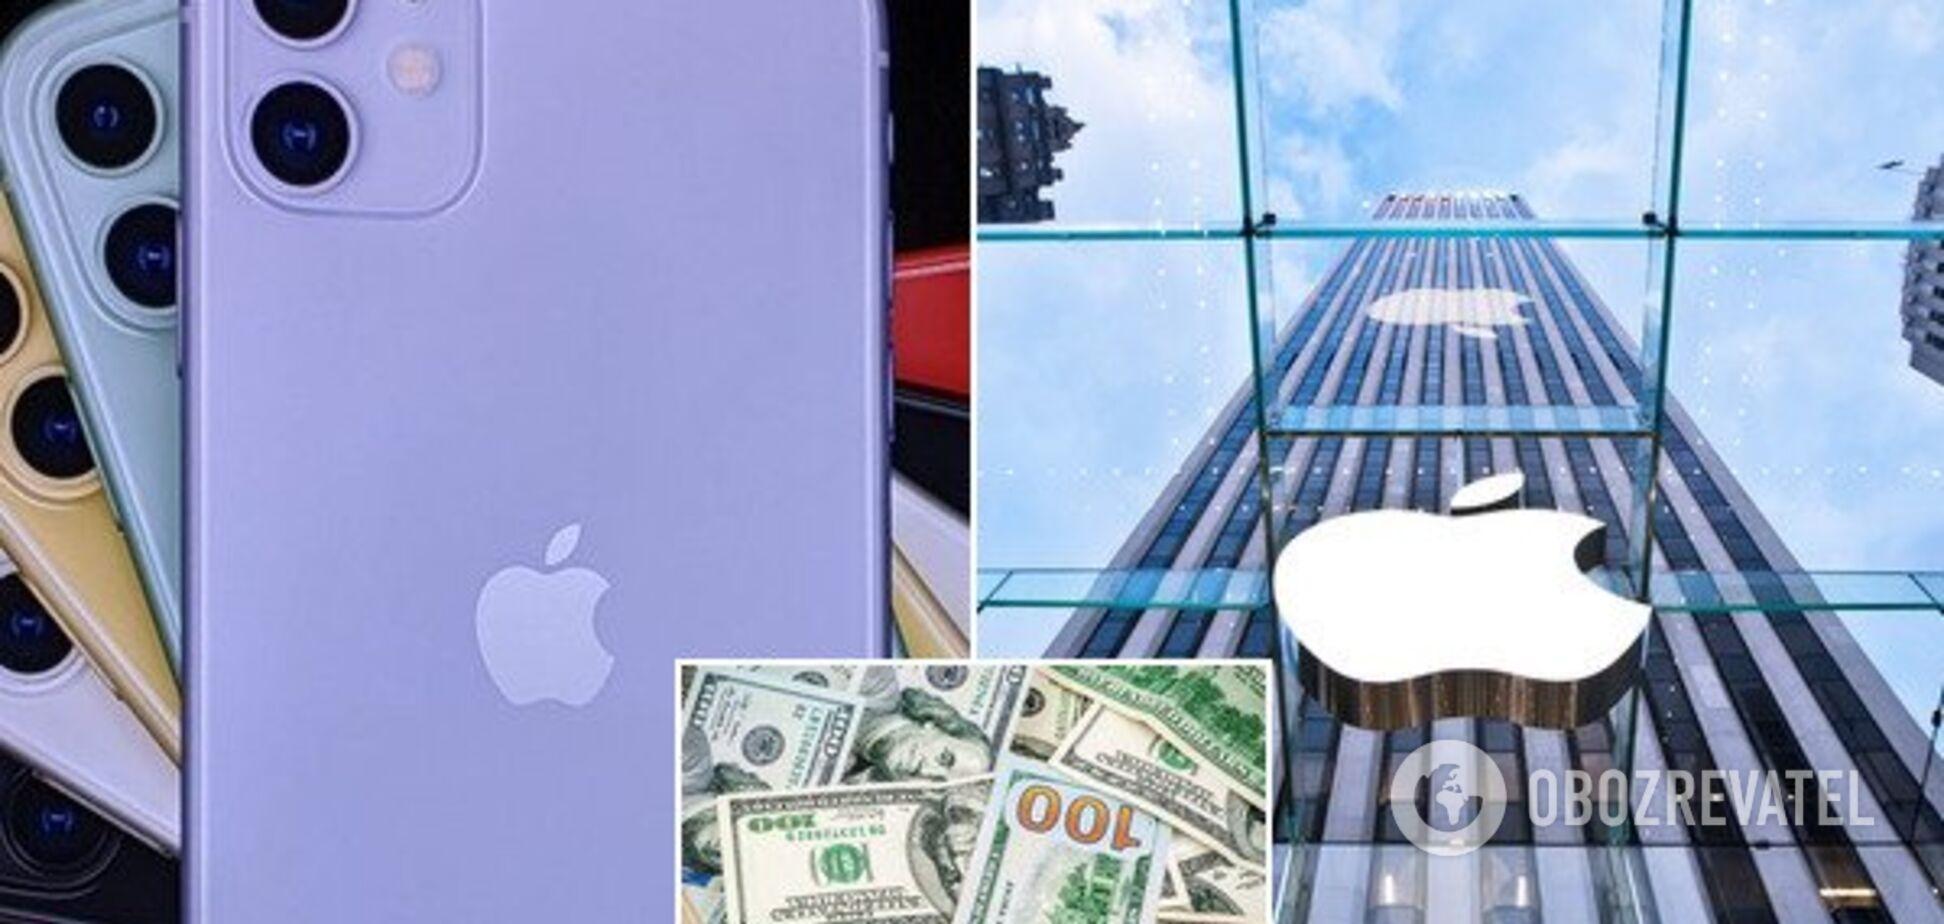 Из-за новых iPhone 11 Apple рекордно подорожала: сколько стоит сейчас